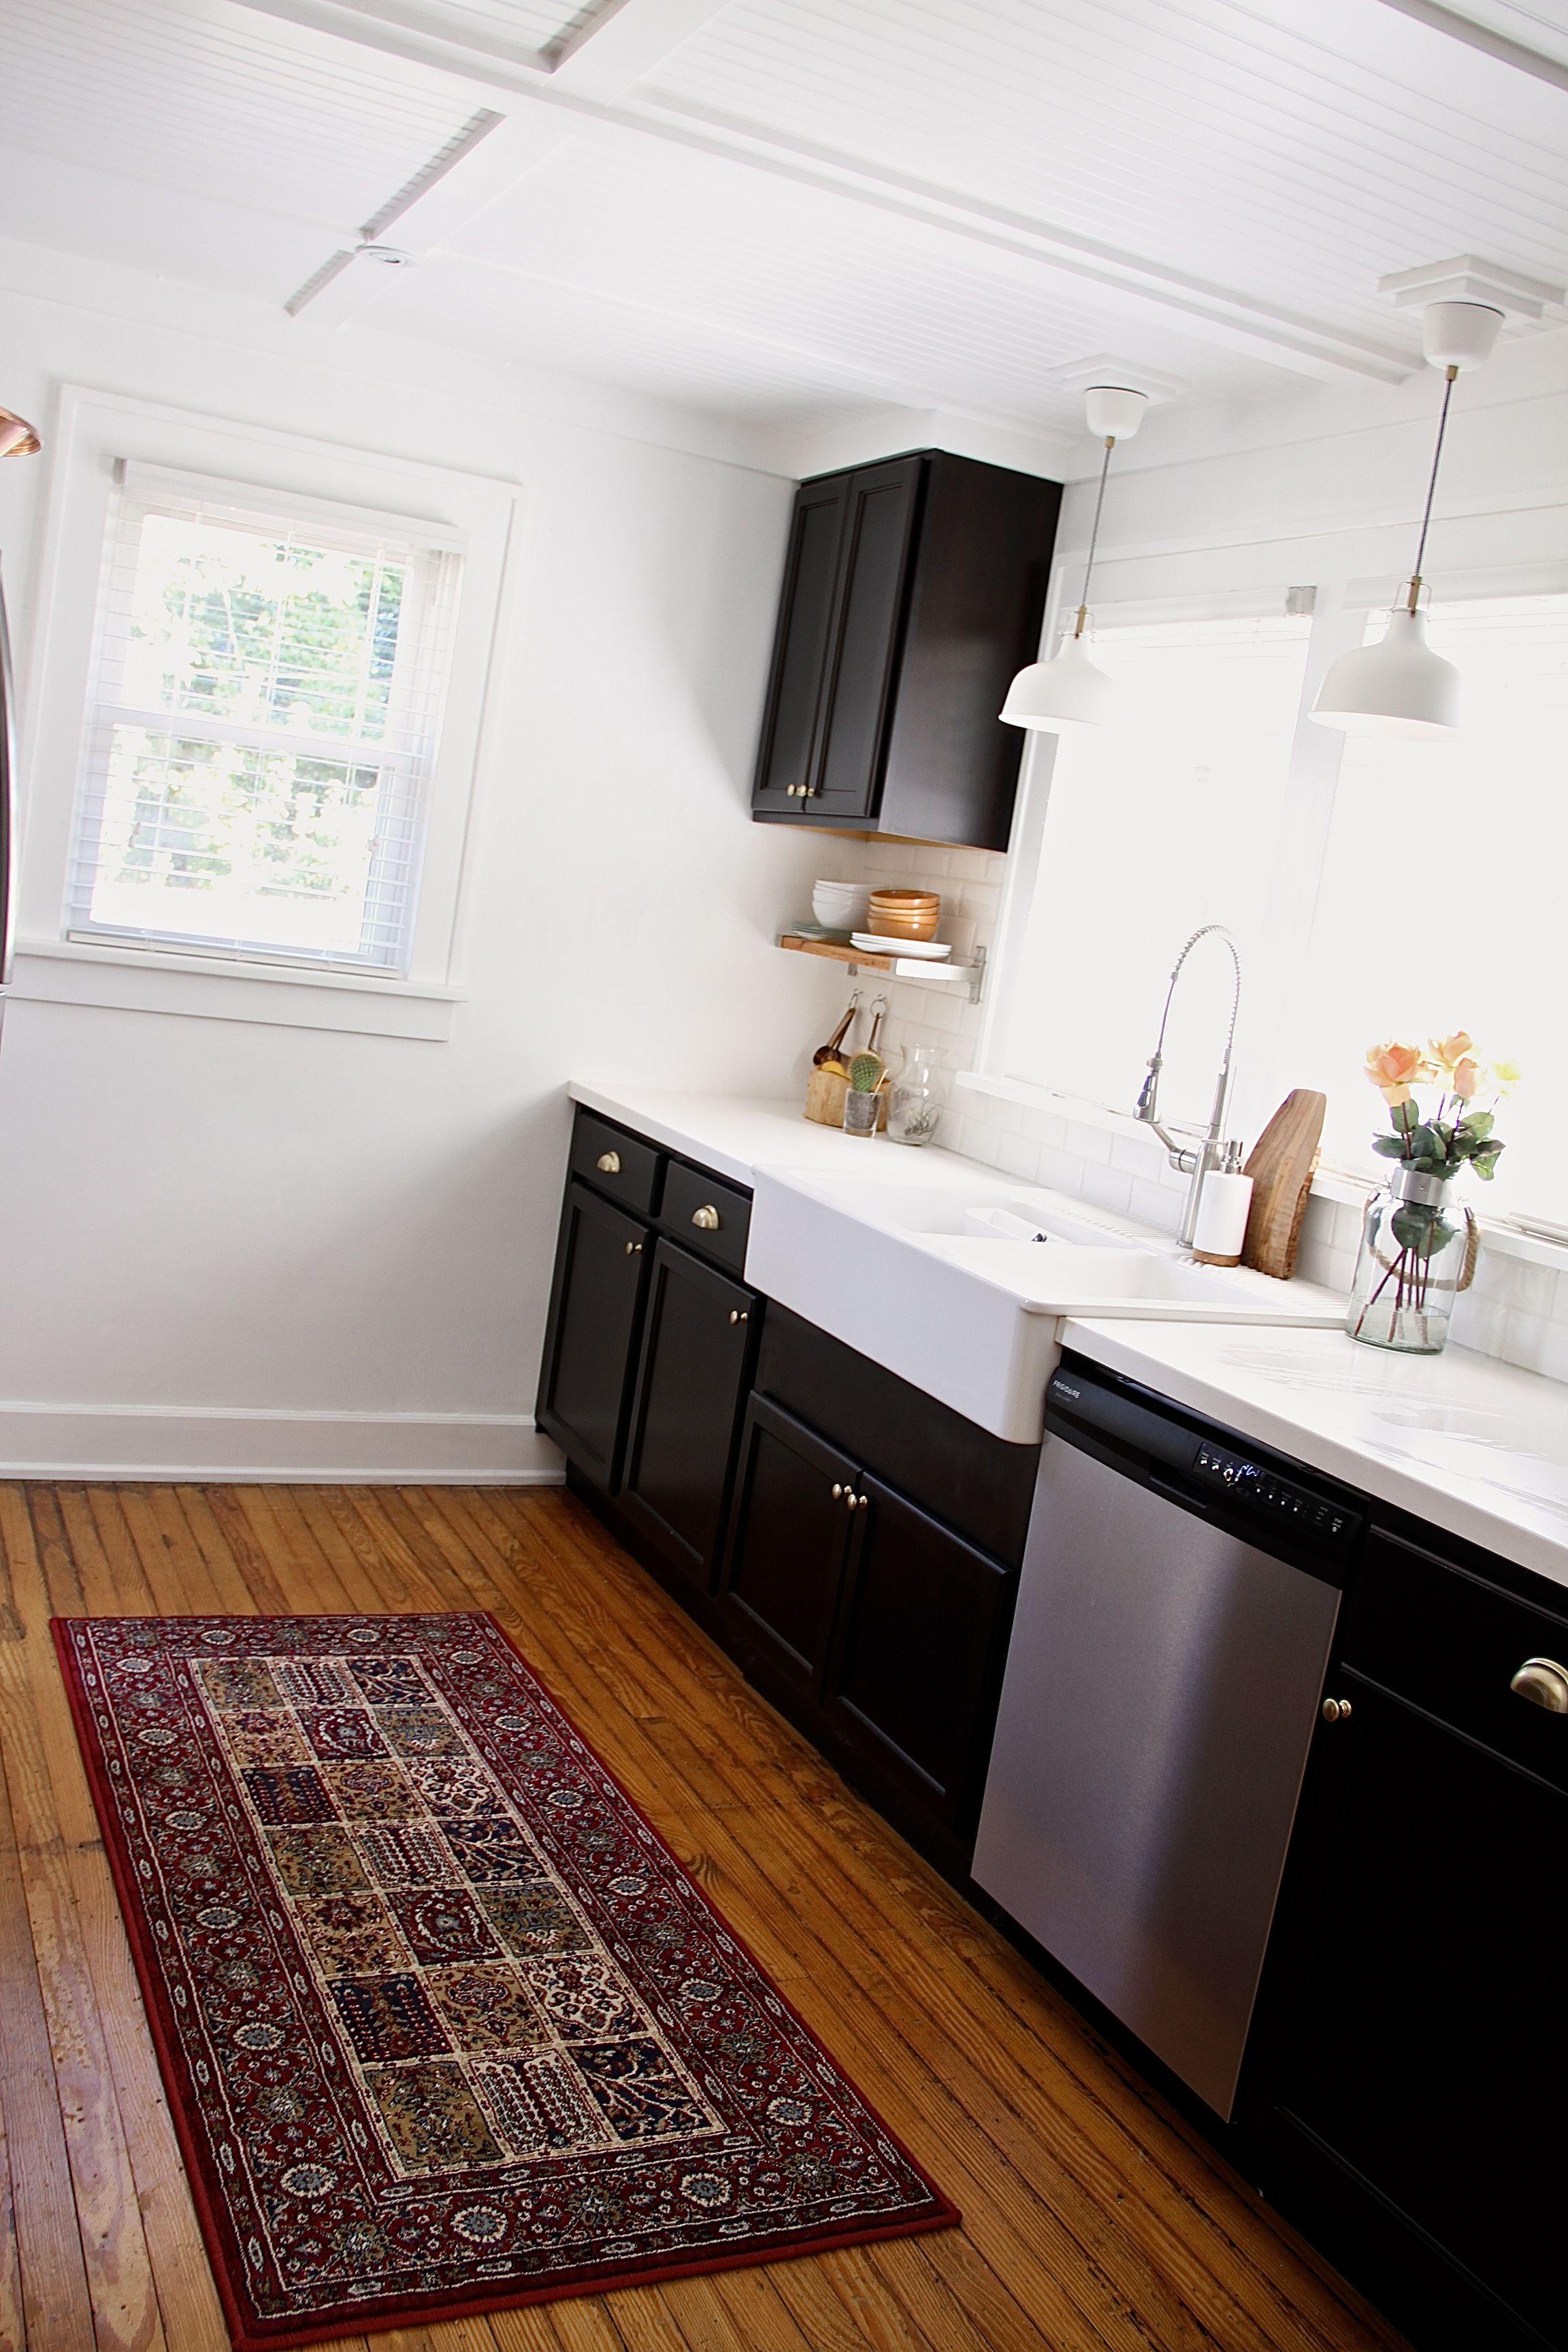 Smarte ressurser Ikea VALBY RUTA in kitchen | Møbler tepper og lamper VS-69